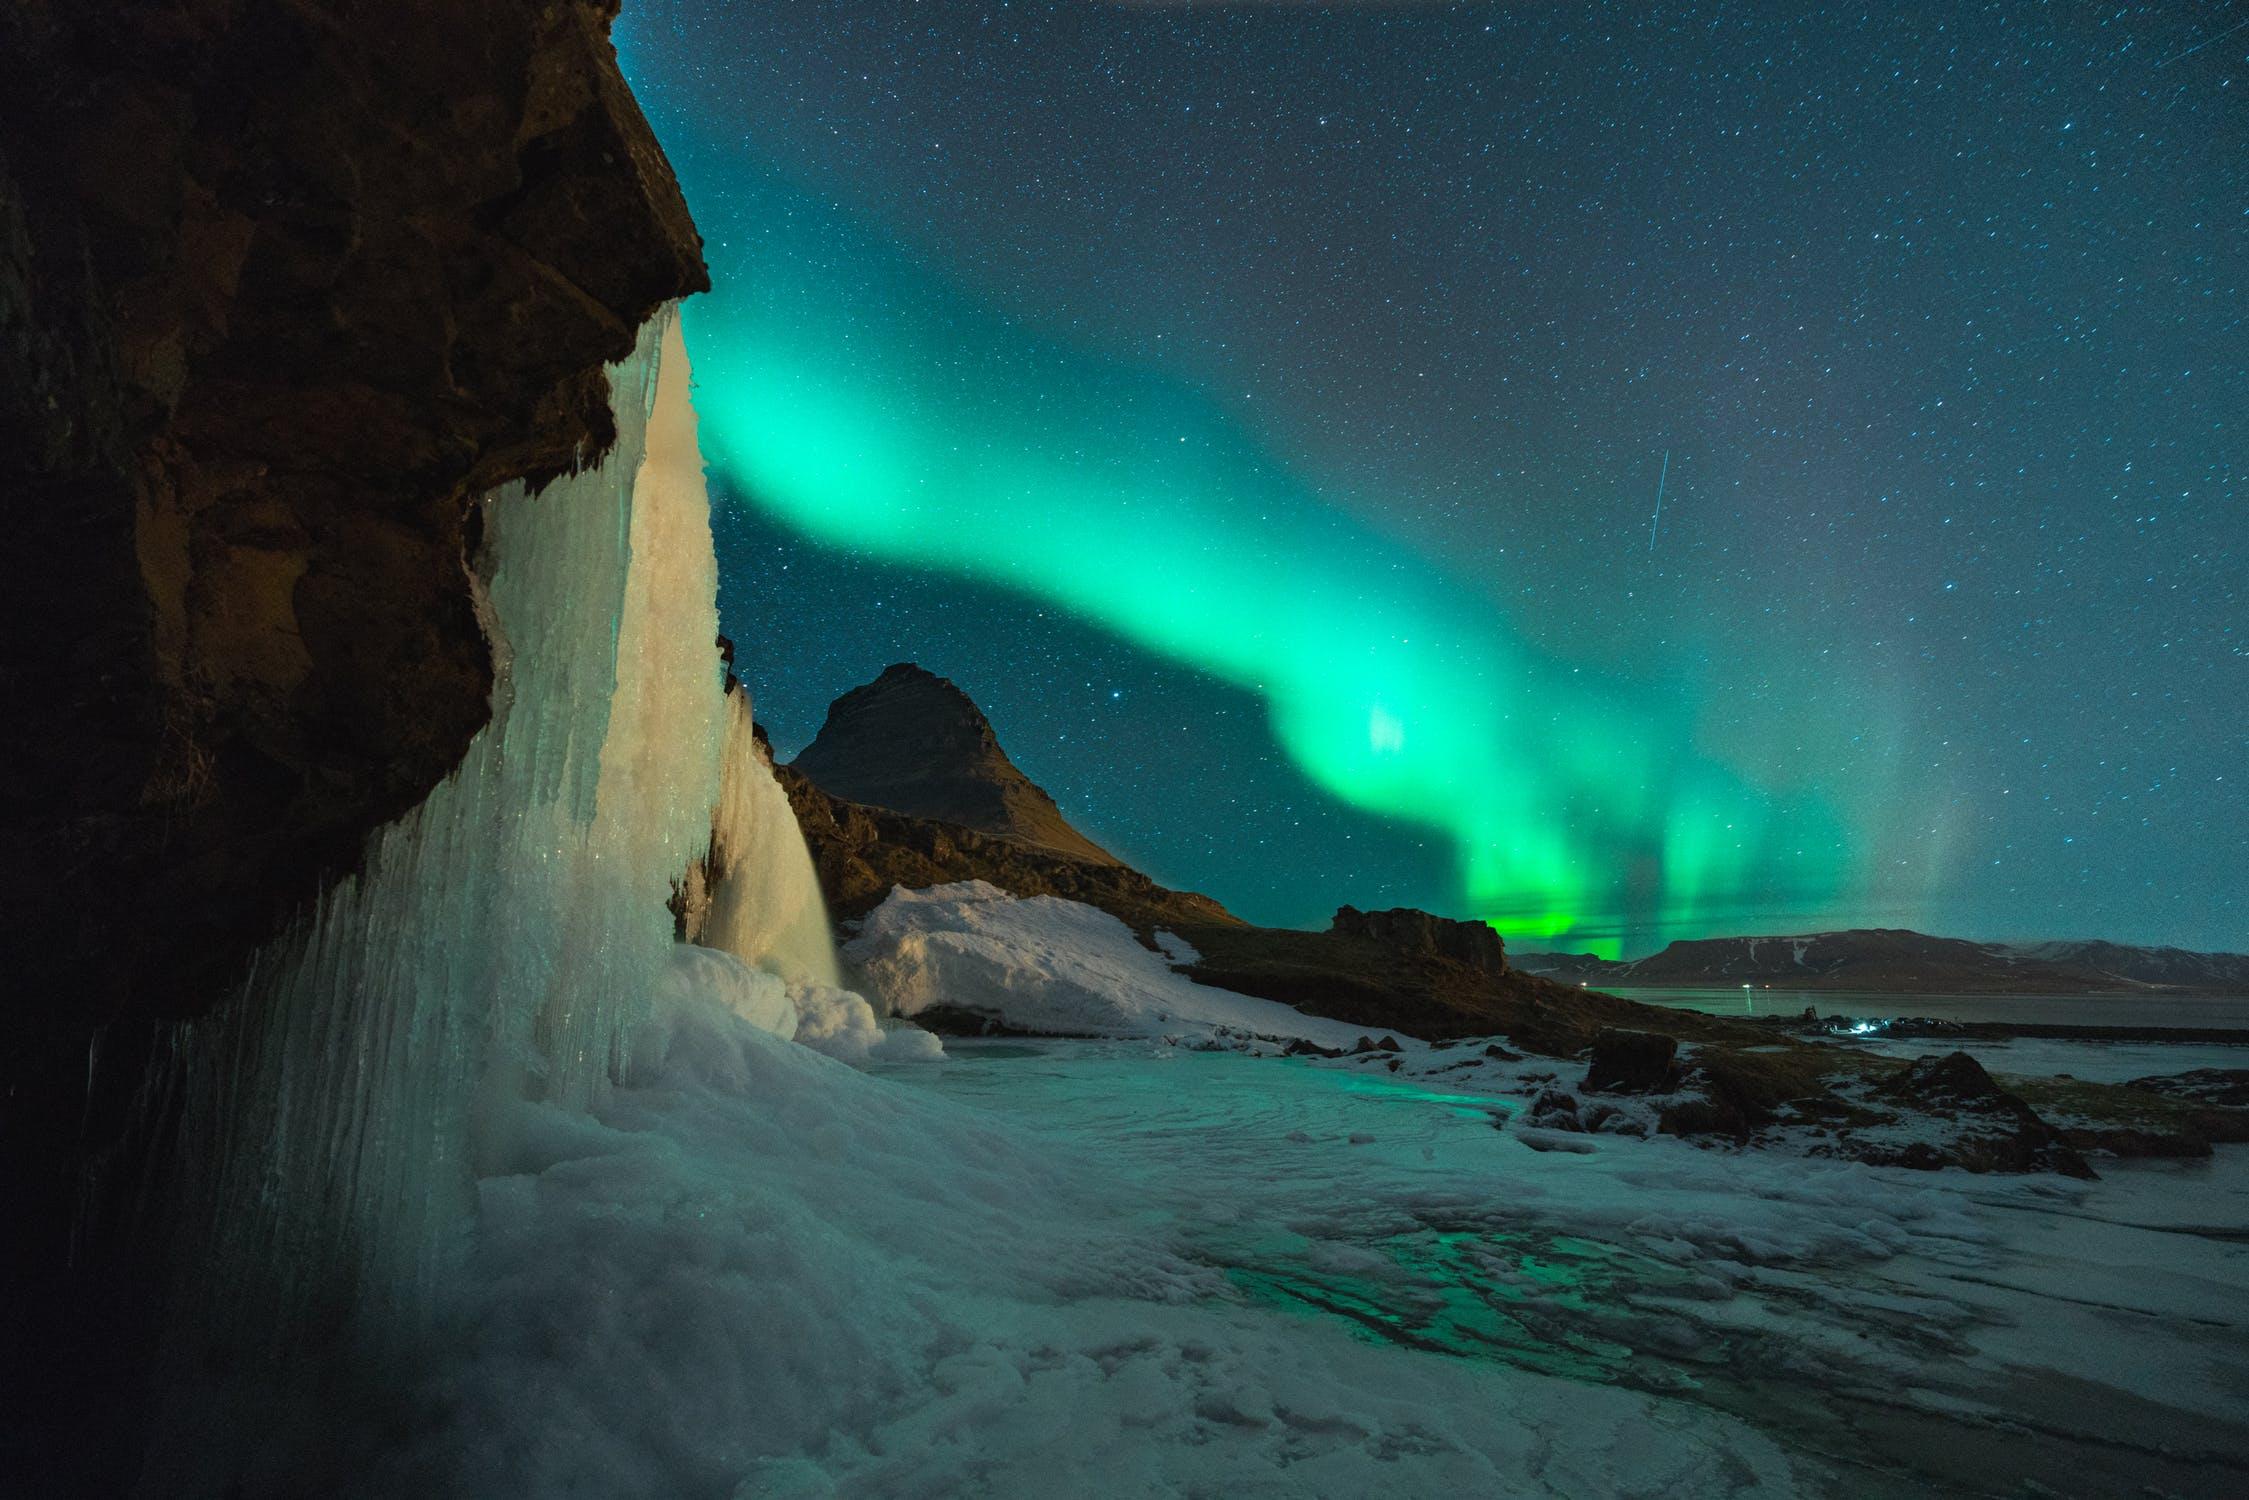 冰岛旅游热转冷,过度扩张的本地航空业面临危机